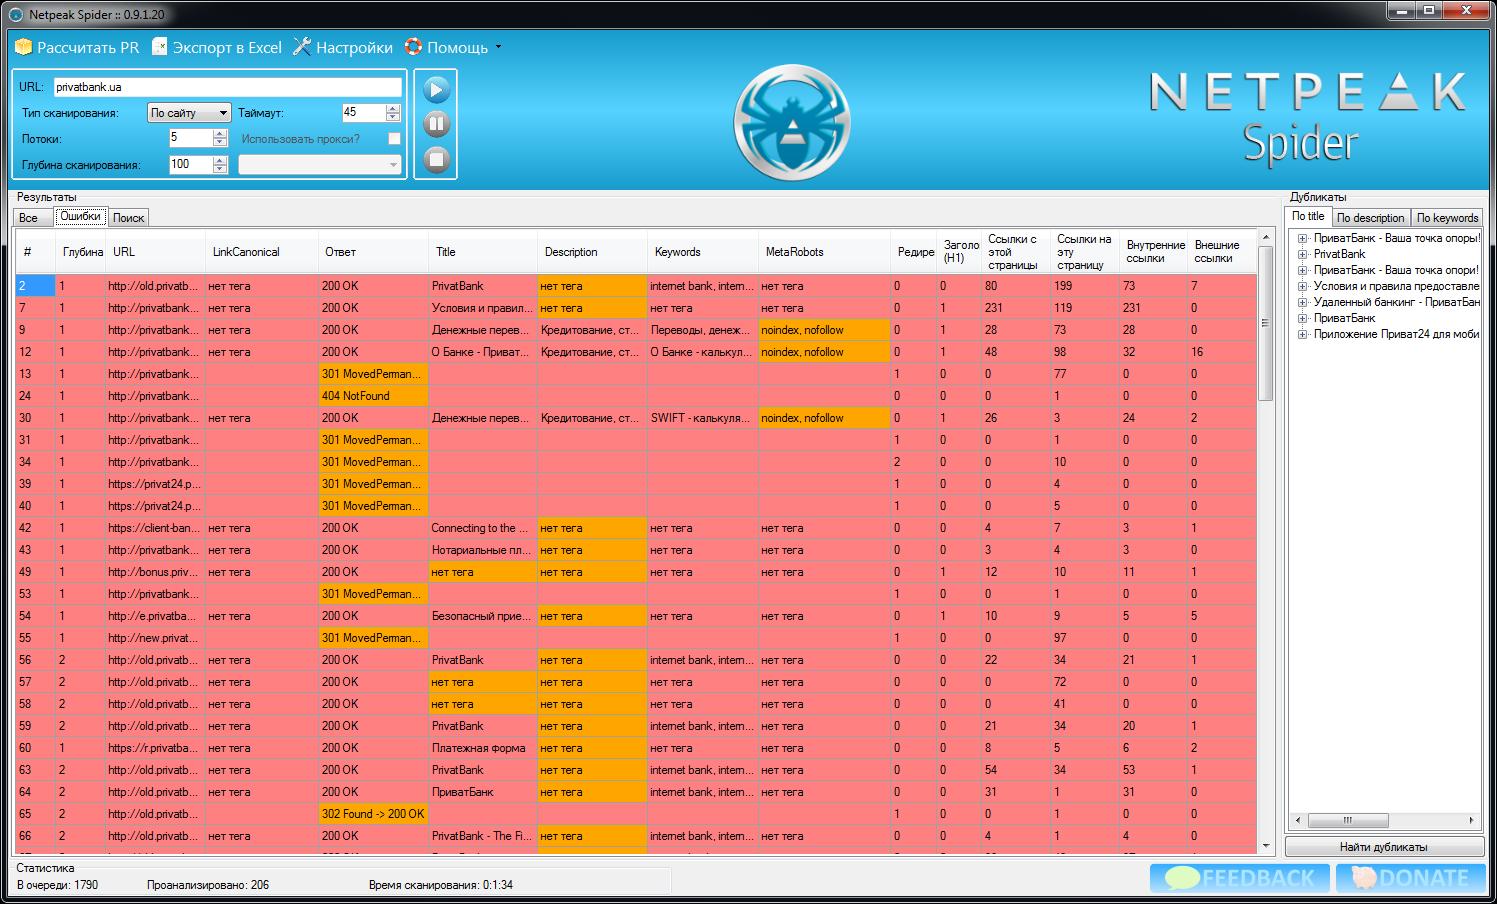 Netpeak Spider: ошибки, обнаруженные при сканировании сайта